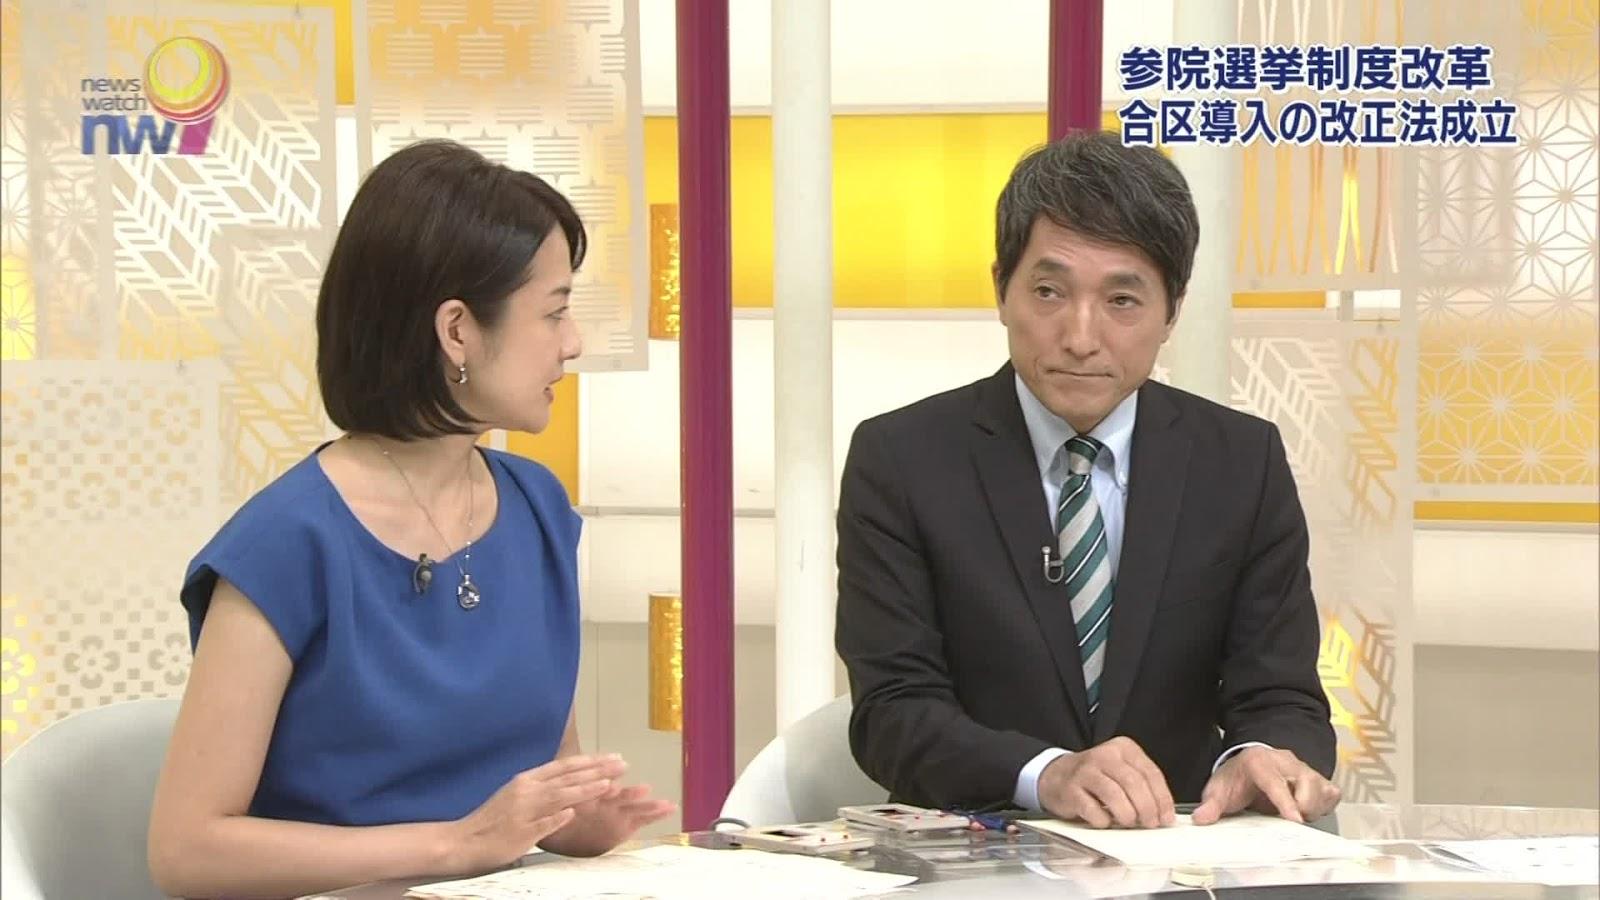 鈴木奈穂子さん 15年7月28日 NHK ニュ−スウオッチ9 鈴木奈穂子さん 15年7月28日